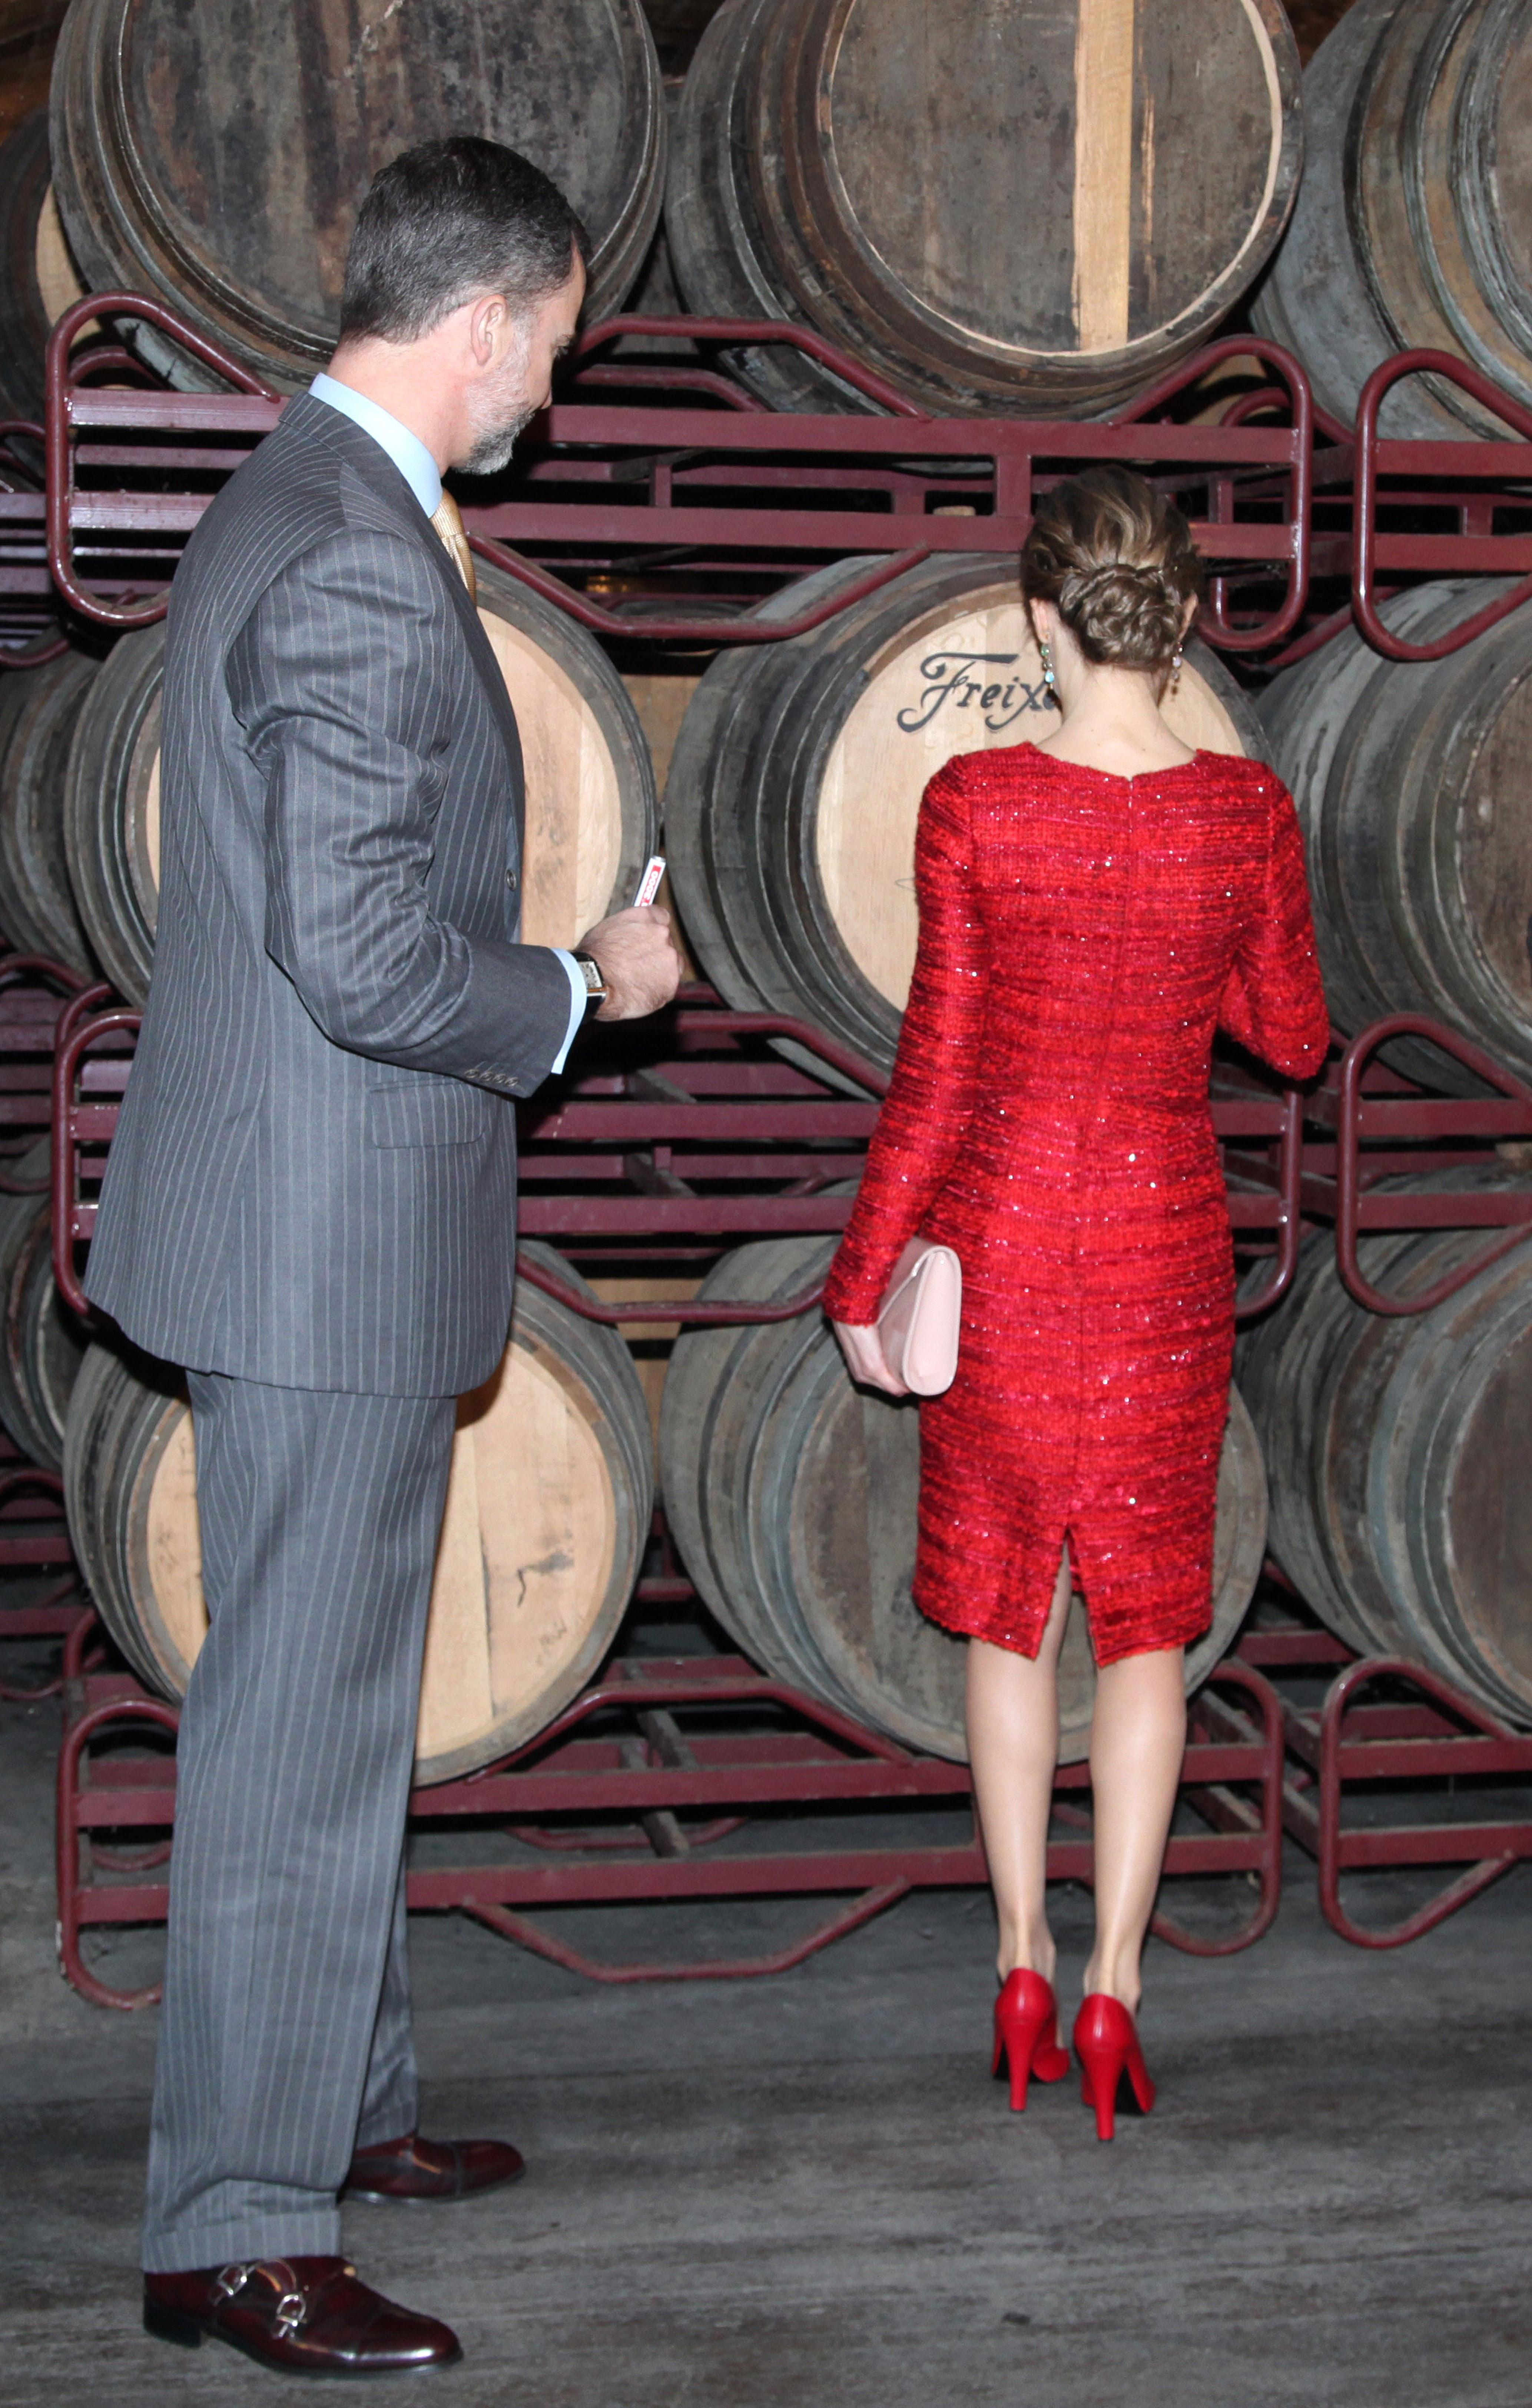 ea6401160c Apareció la Reina de rojo pasión y brillaba entre tanta sobriedad.  Enfundada en un precioso vestido entallado de escote redondo y manga larga